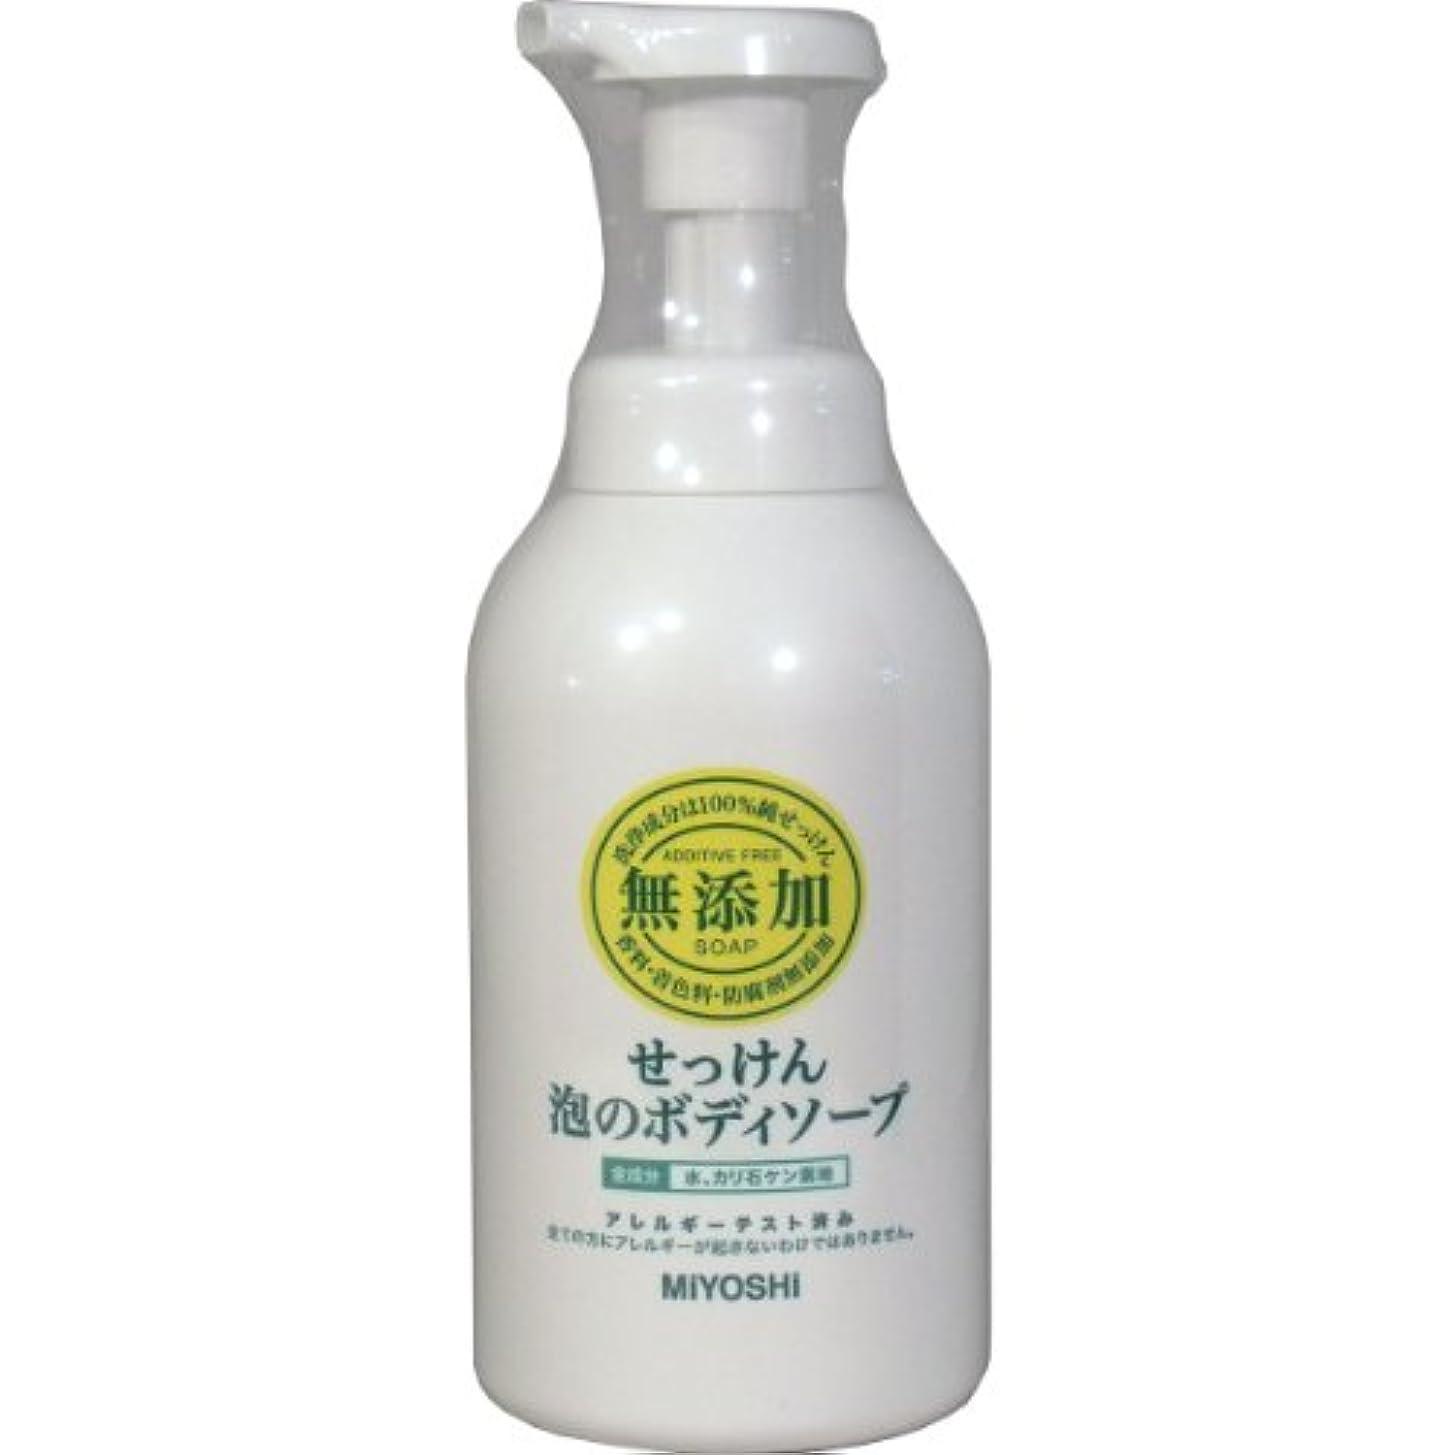 顧問ファーザーファージュテスピアン洗浄成分は100%純せっけん!!ミヨシ無添加シリーズは石けん成分以外に何も添加していません!ポンプ500mL